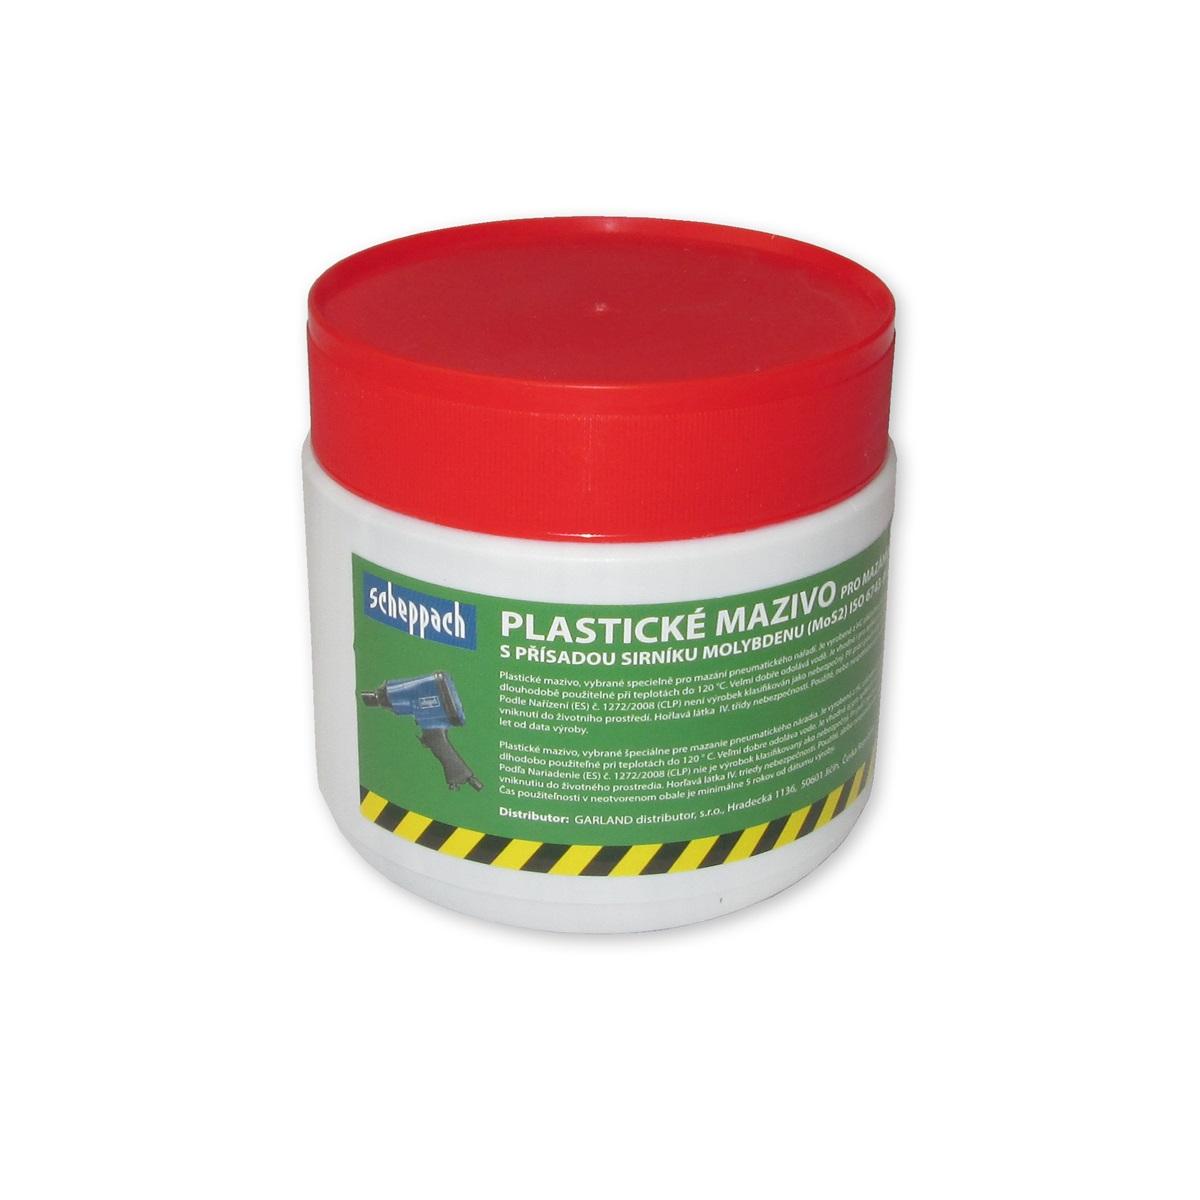 Scheppach Vysokoteplotní a vysokotlaké plastické mazivo pro pneumatické nářadí